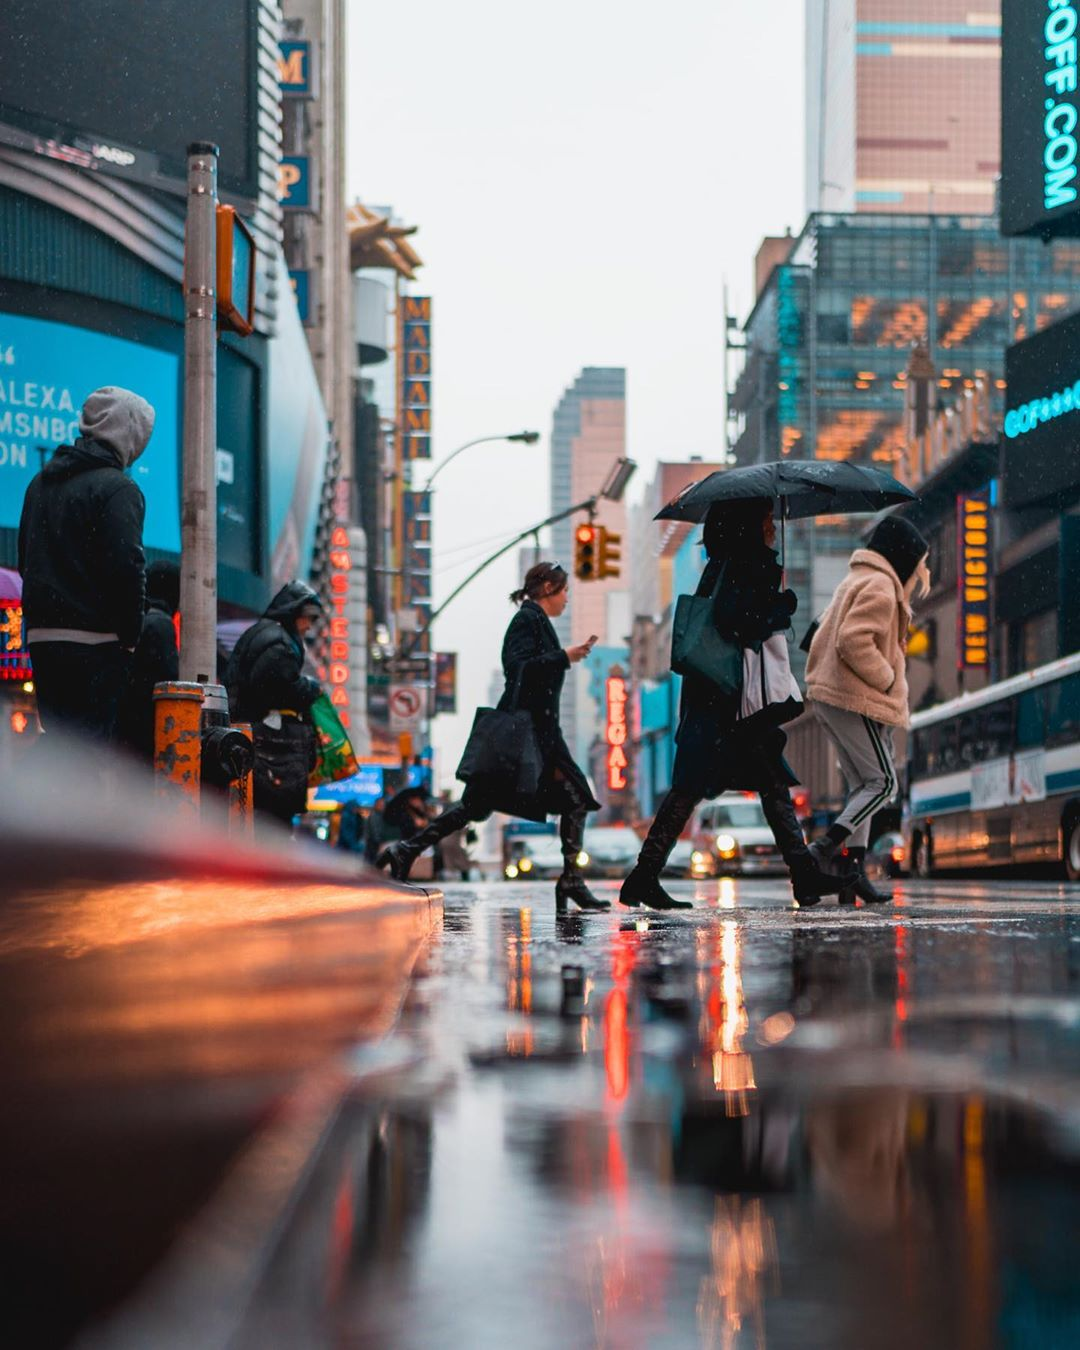 Городские улицы и архитектура на снимках Рамона Брито